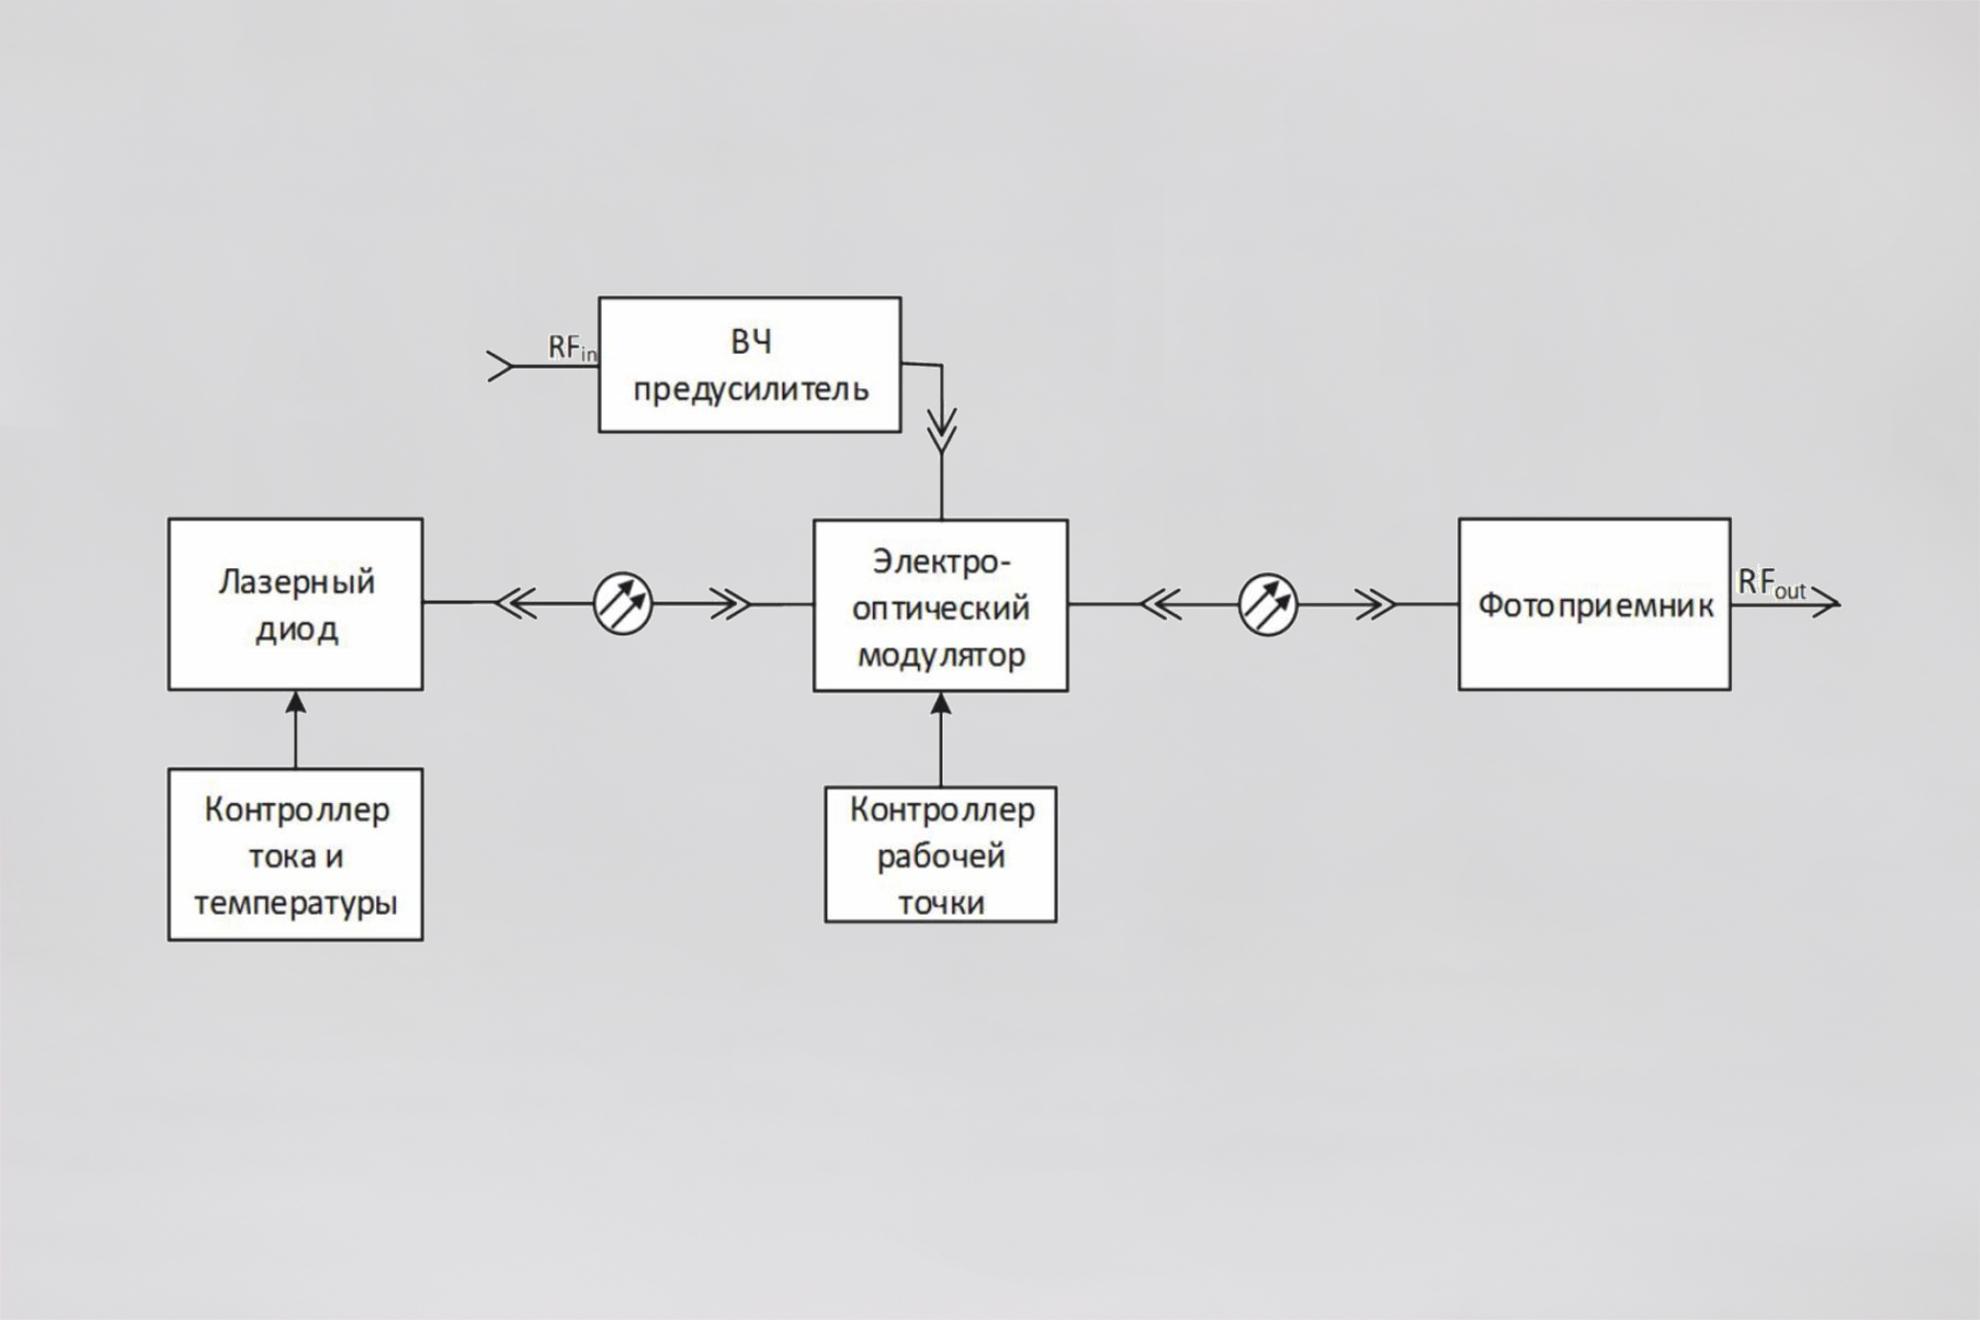 Тракты передачи аналоговых сигналов